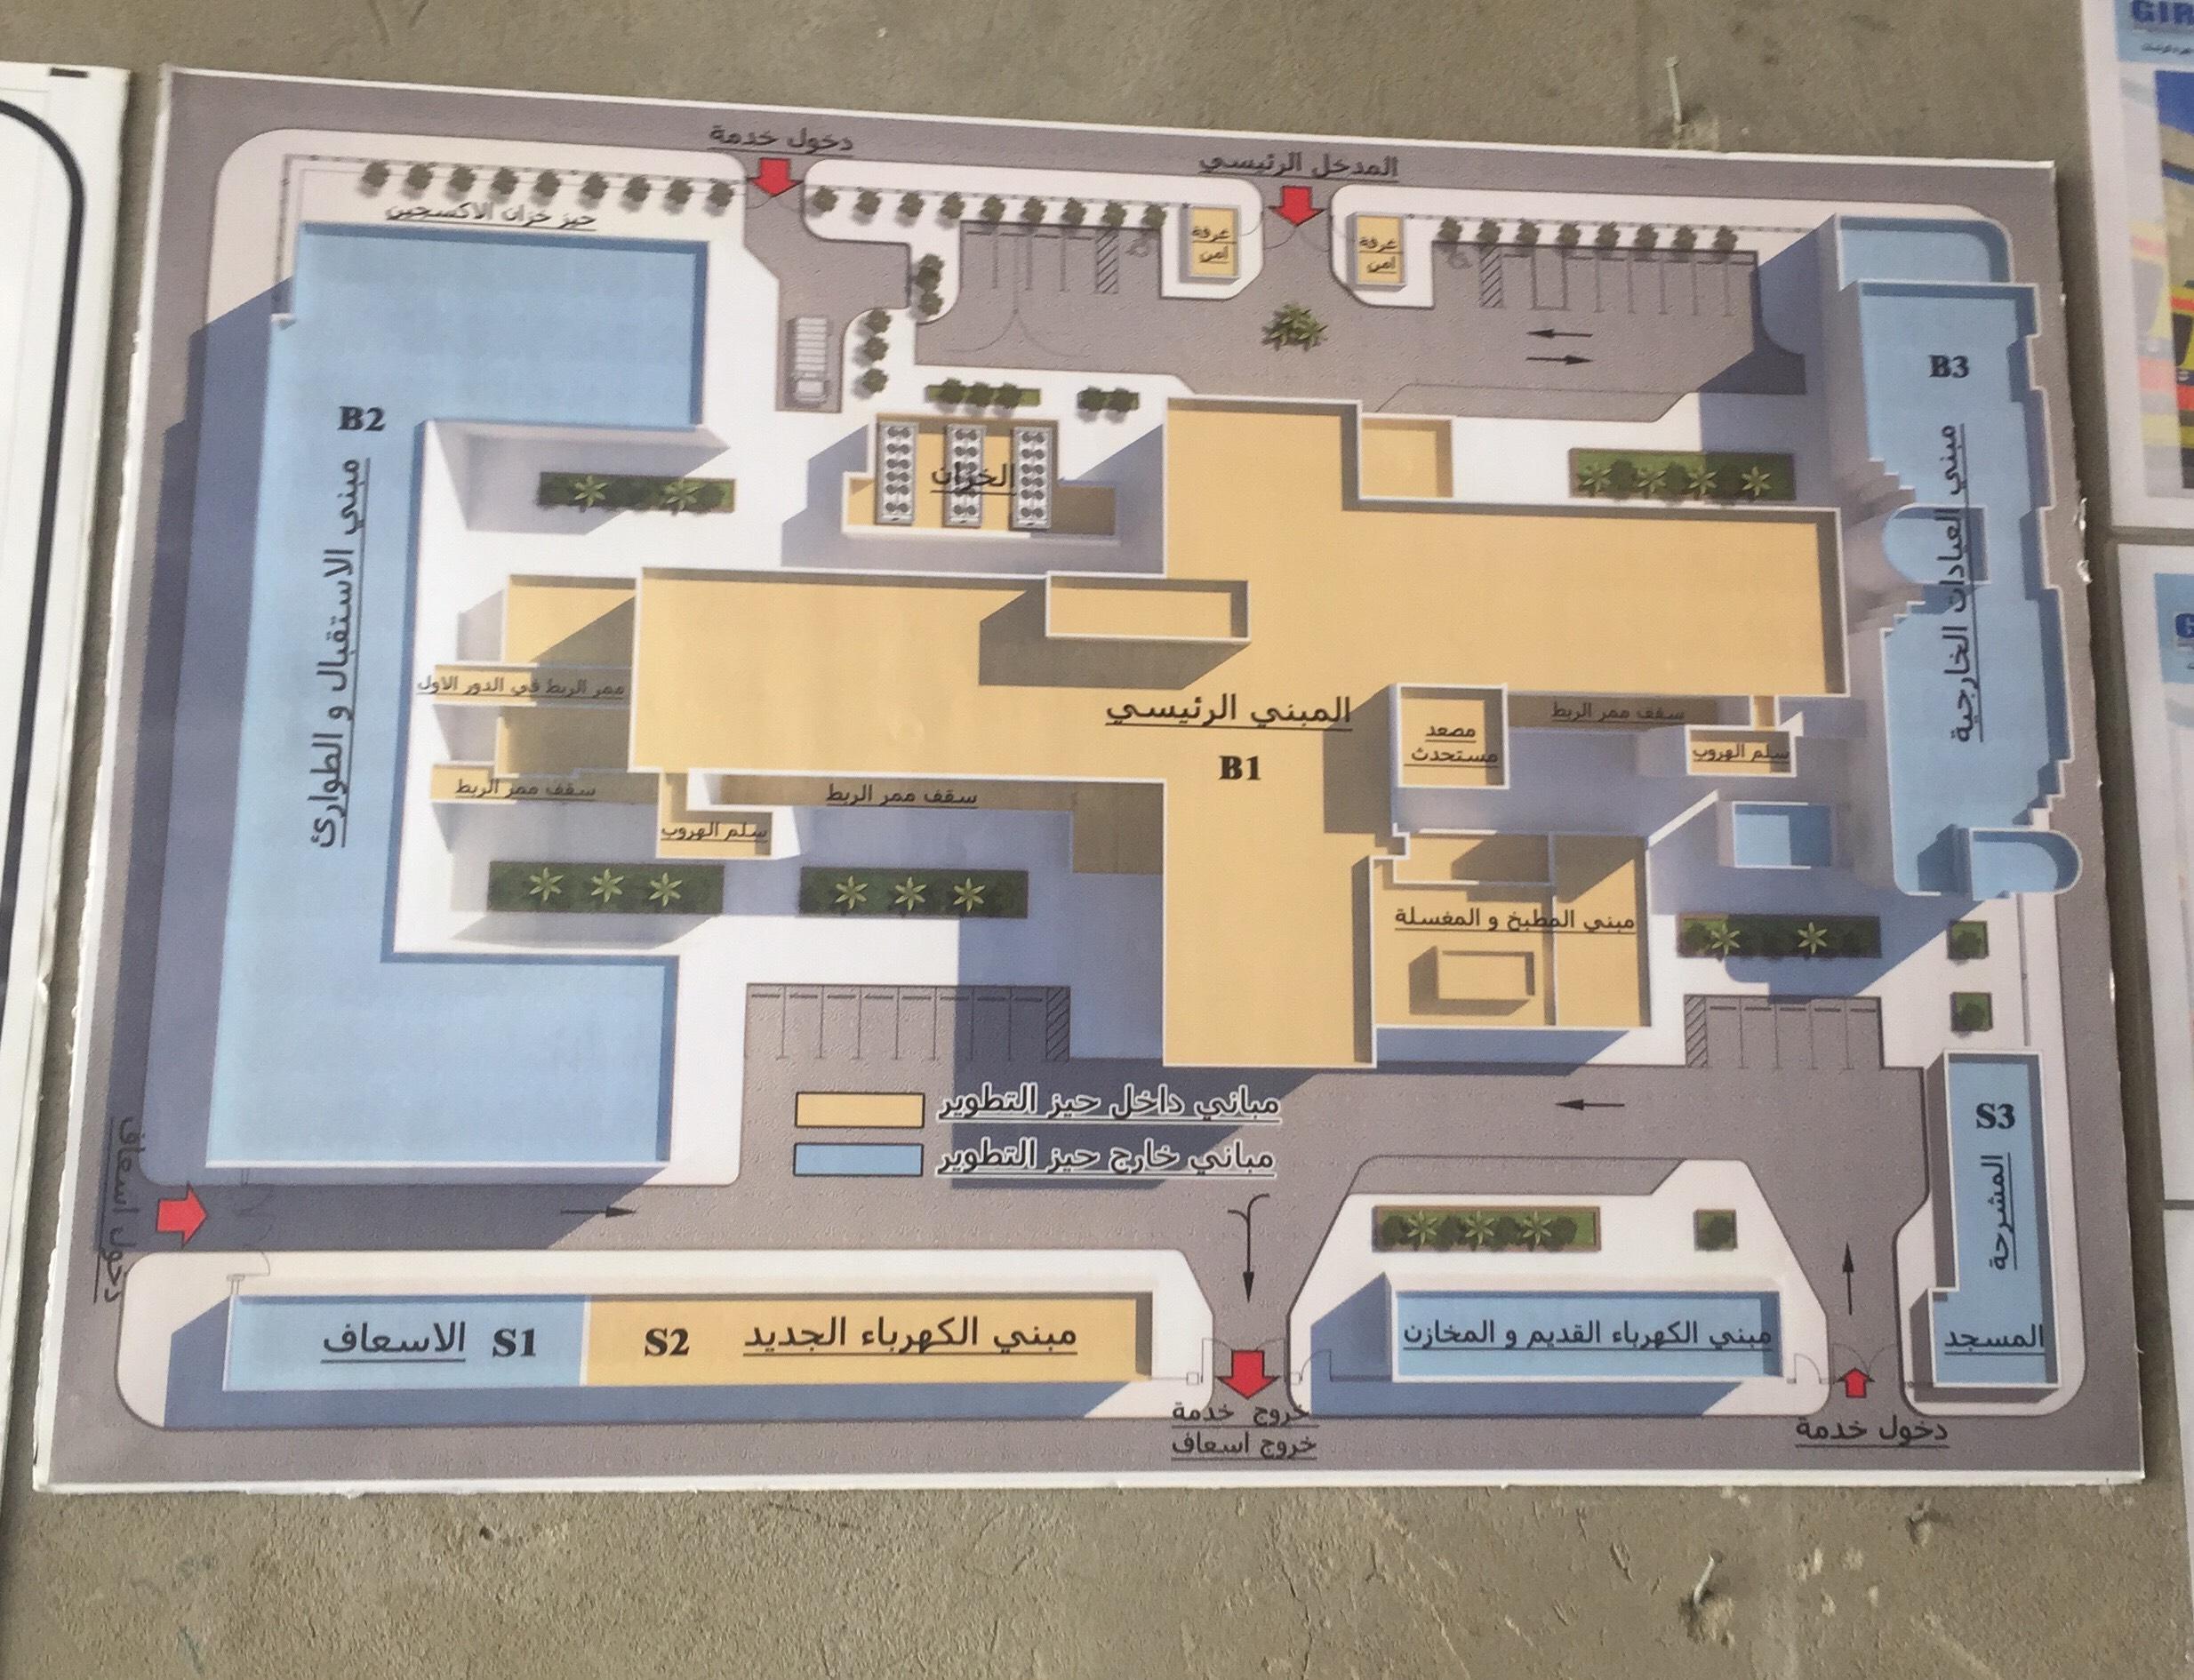 الأعمال الإنشائية والتجهيزات فى مستشفى بورفؤاد العام (1)